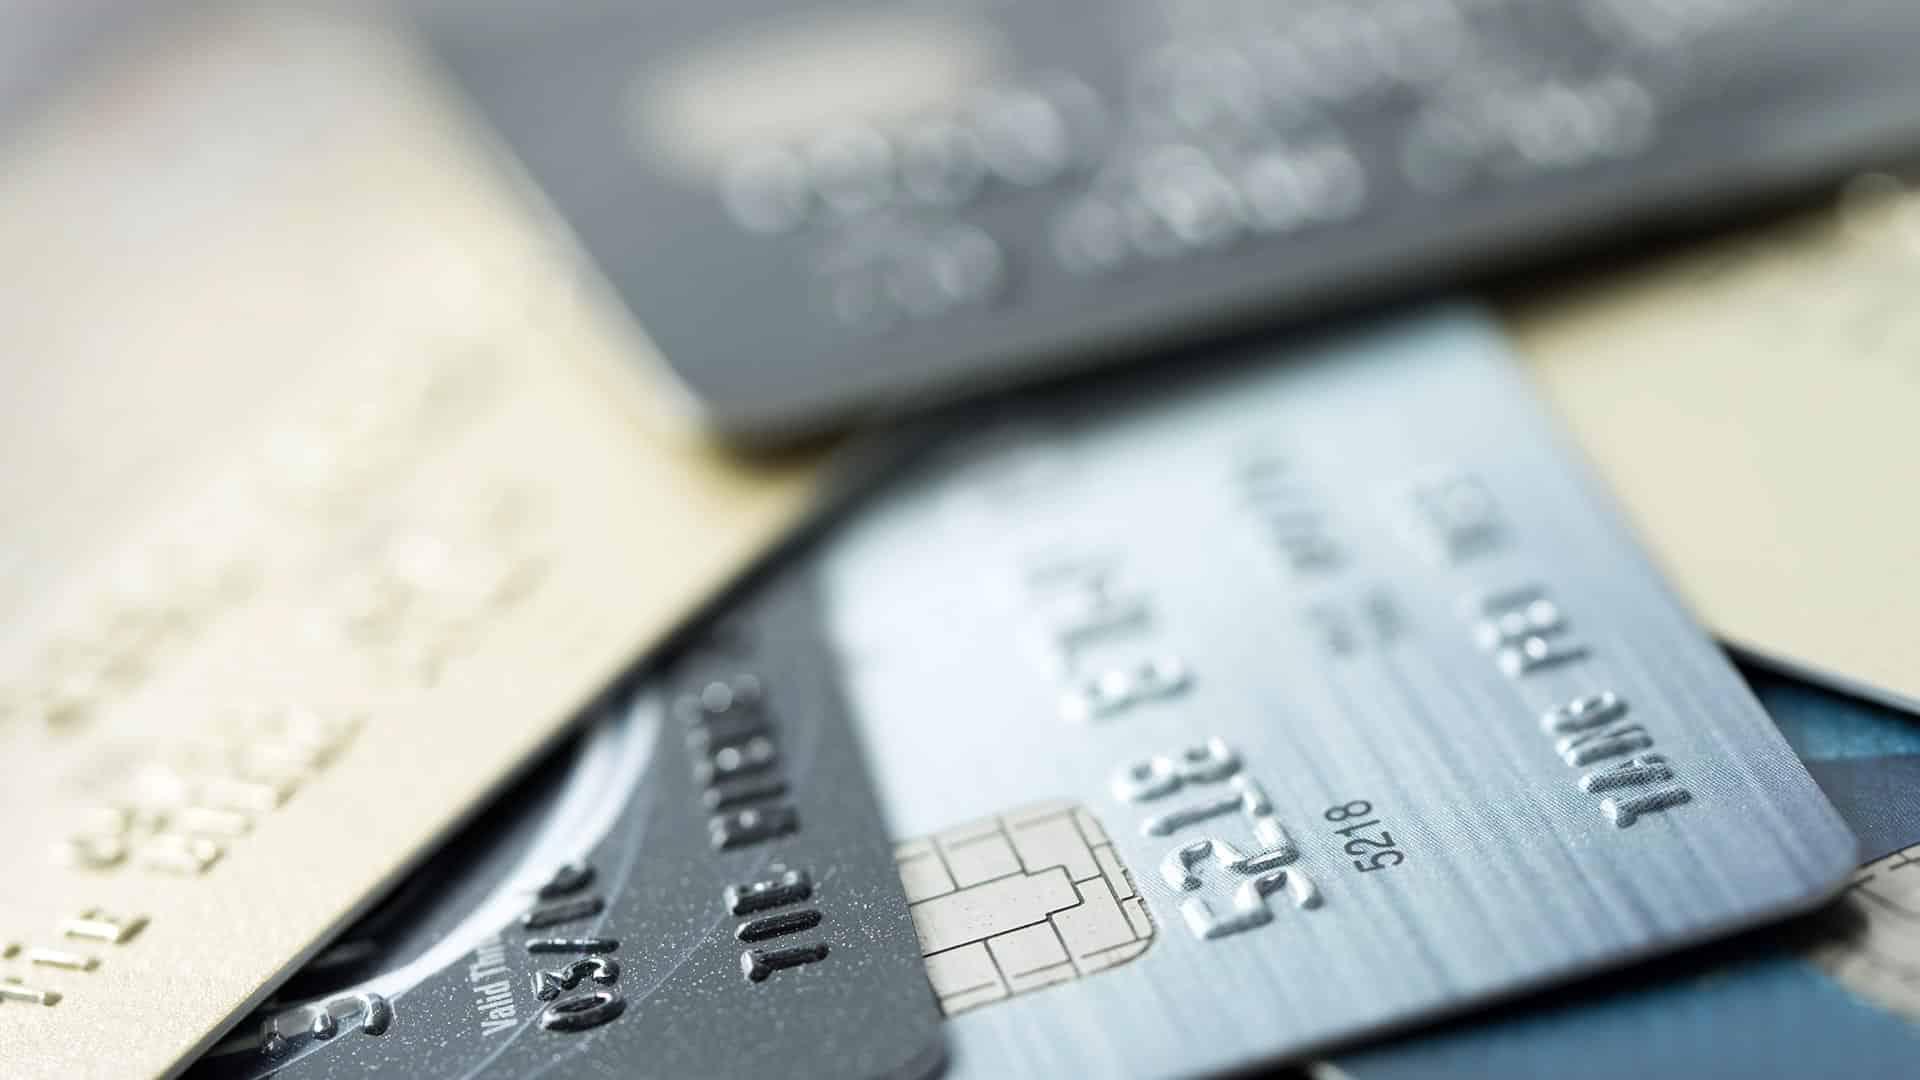 So zahlen Sie sicher mit der Kreditkarte